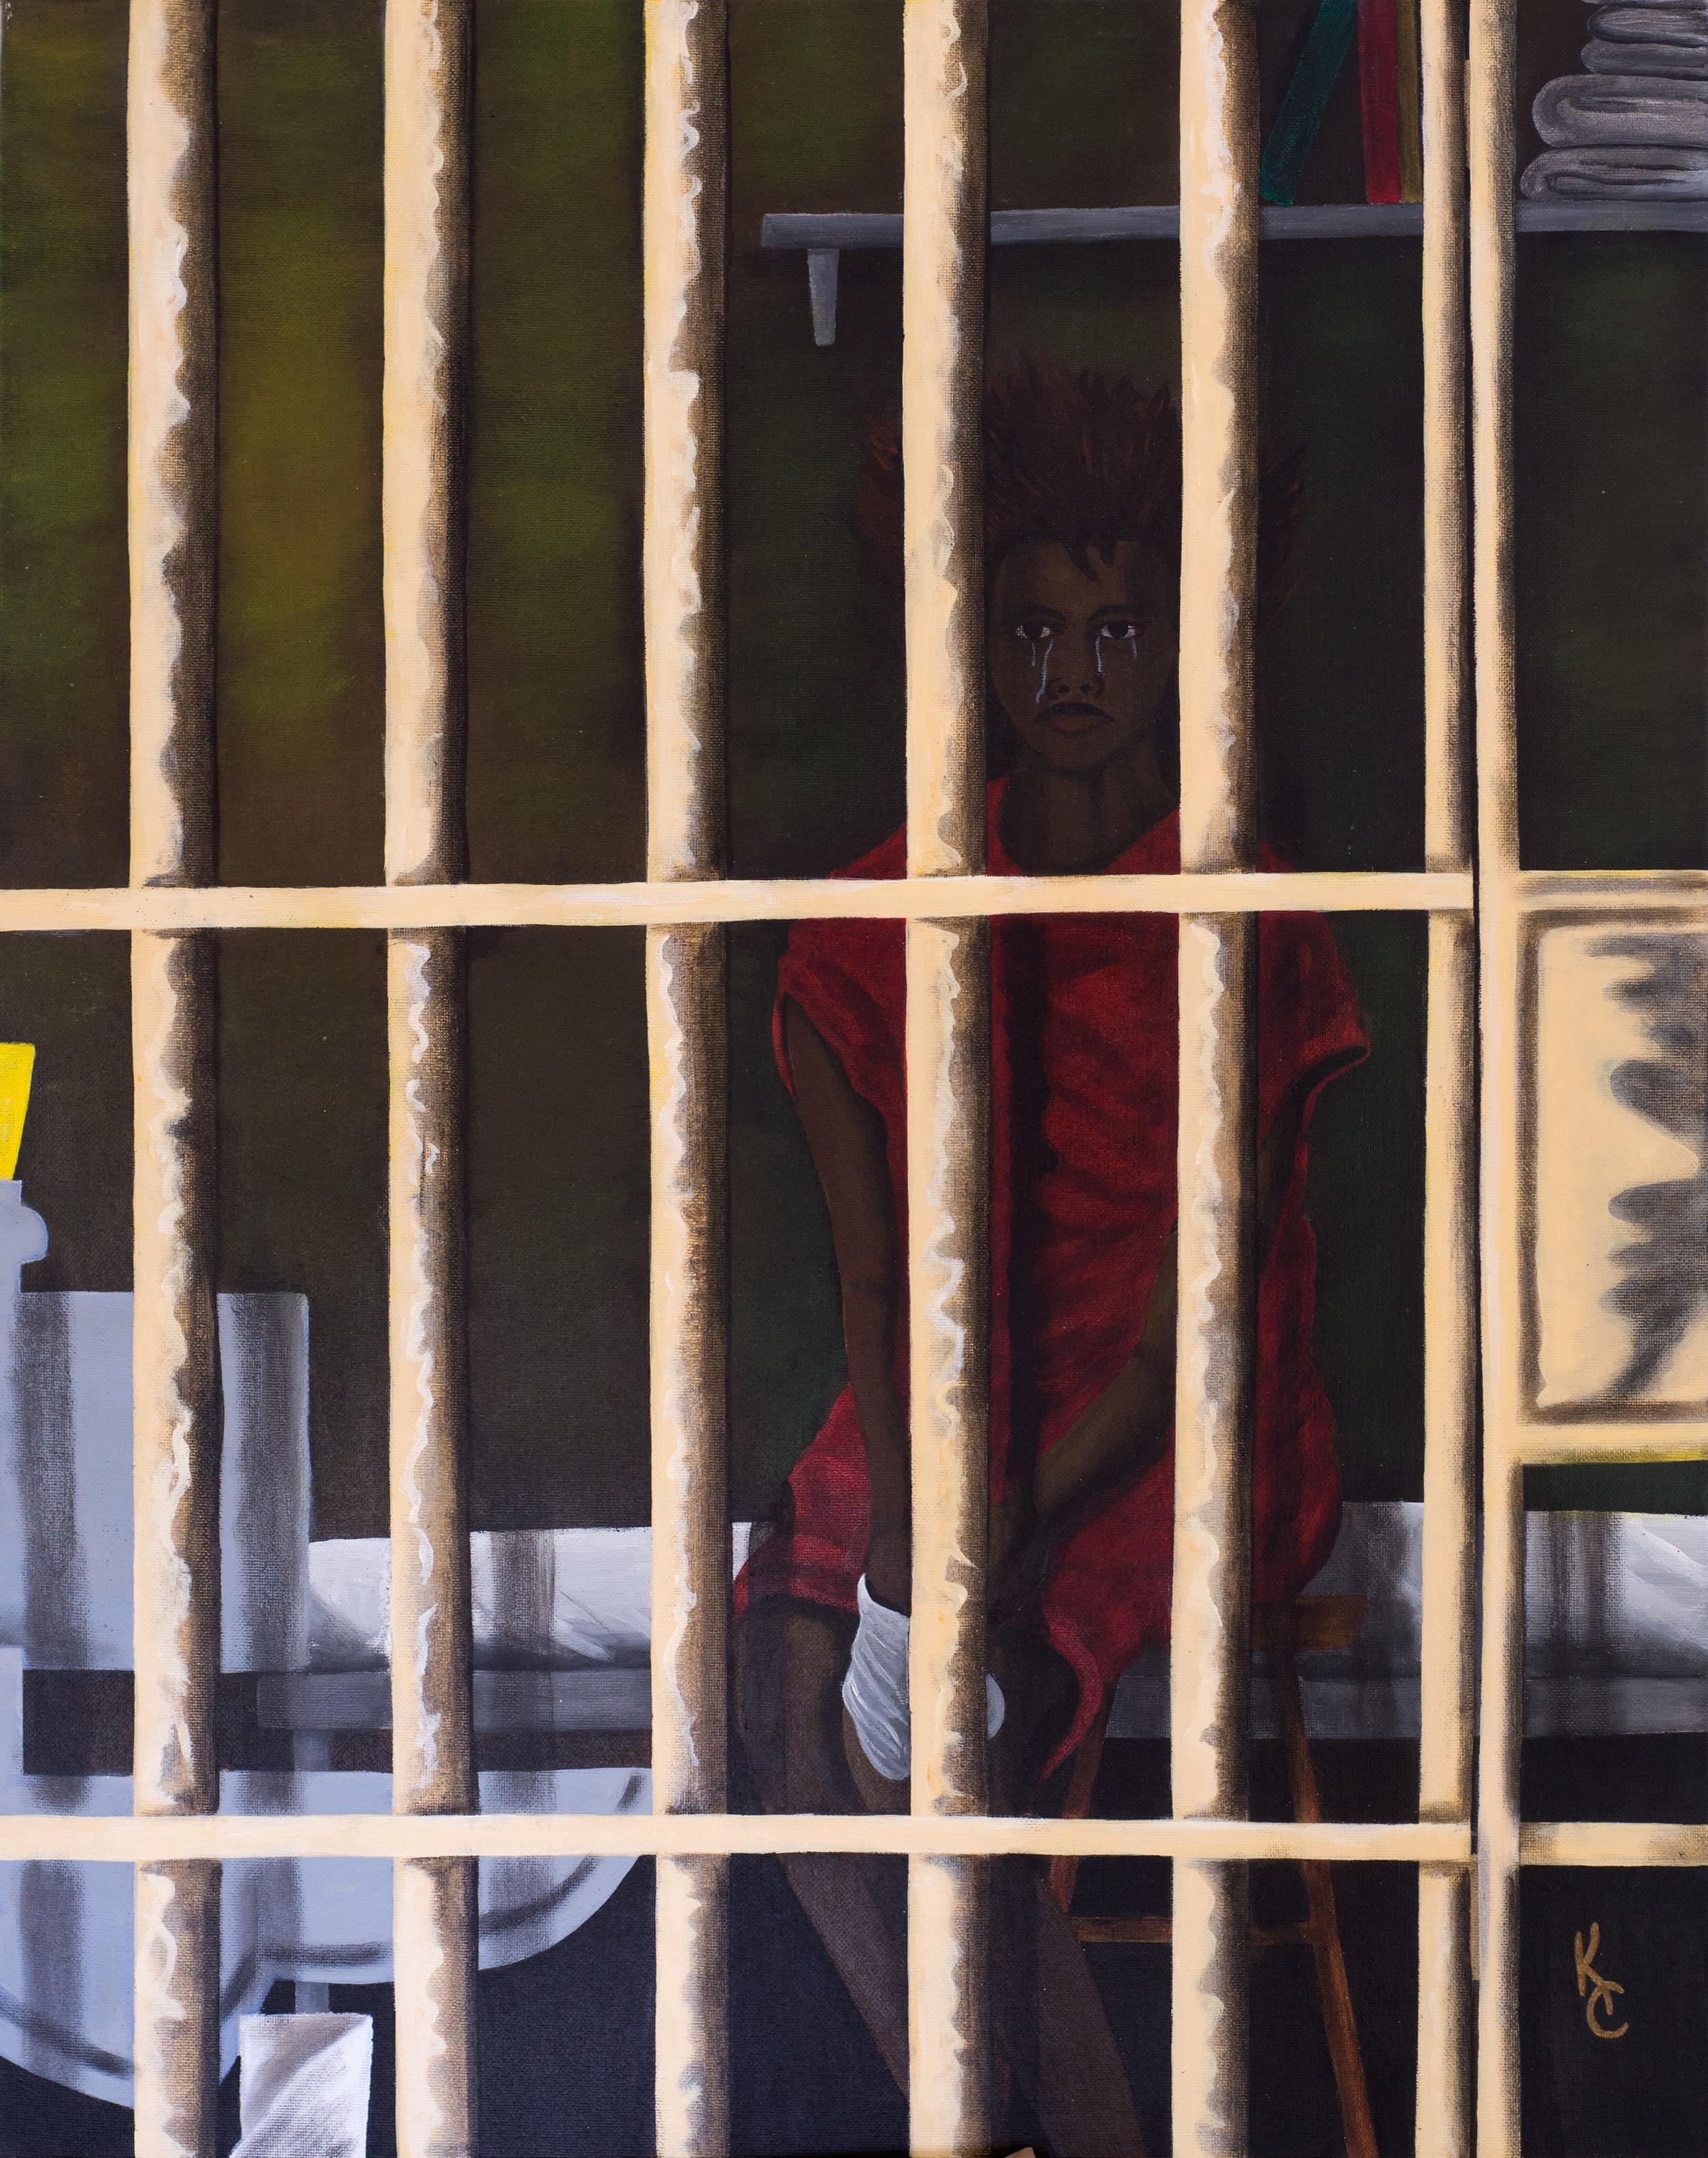 Slammed (Woman on Death Row)